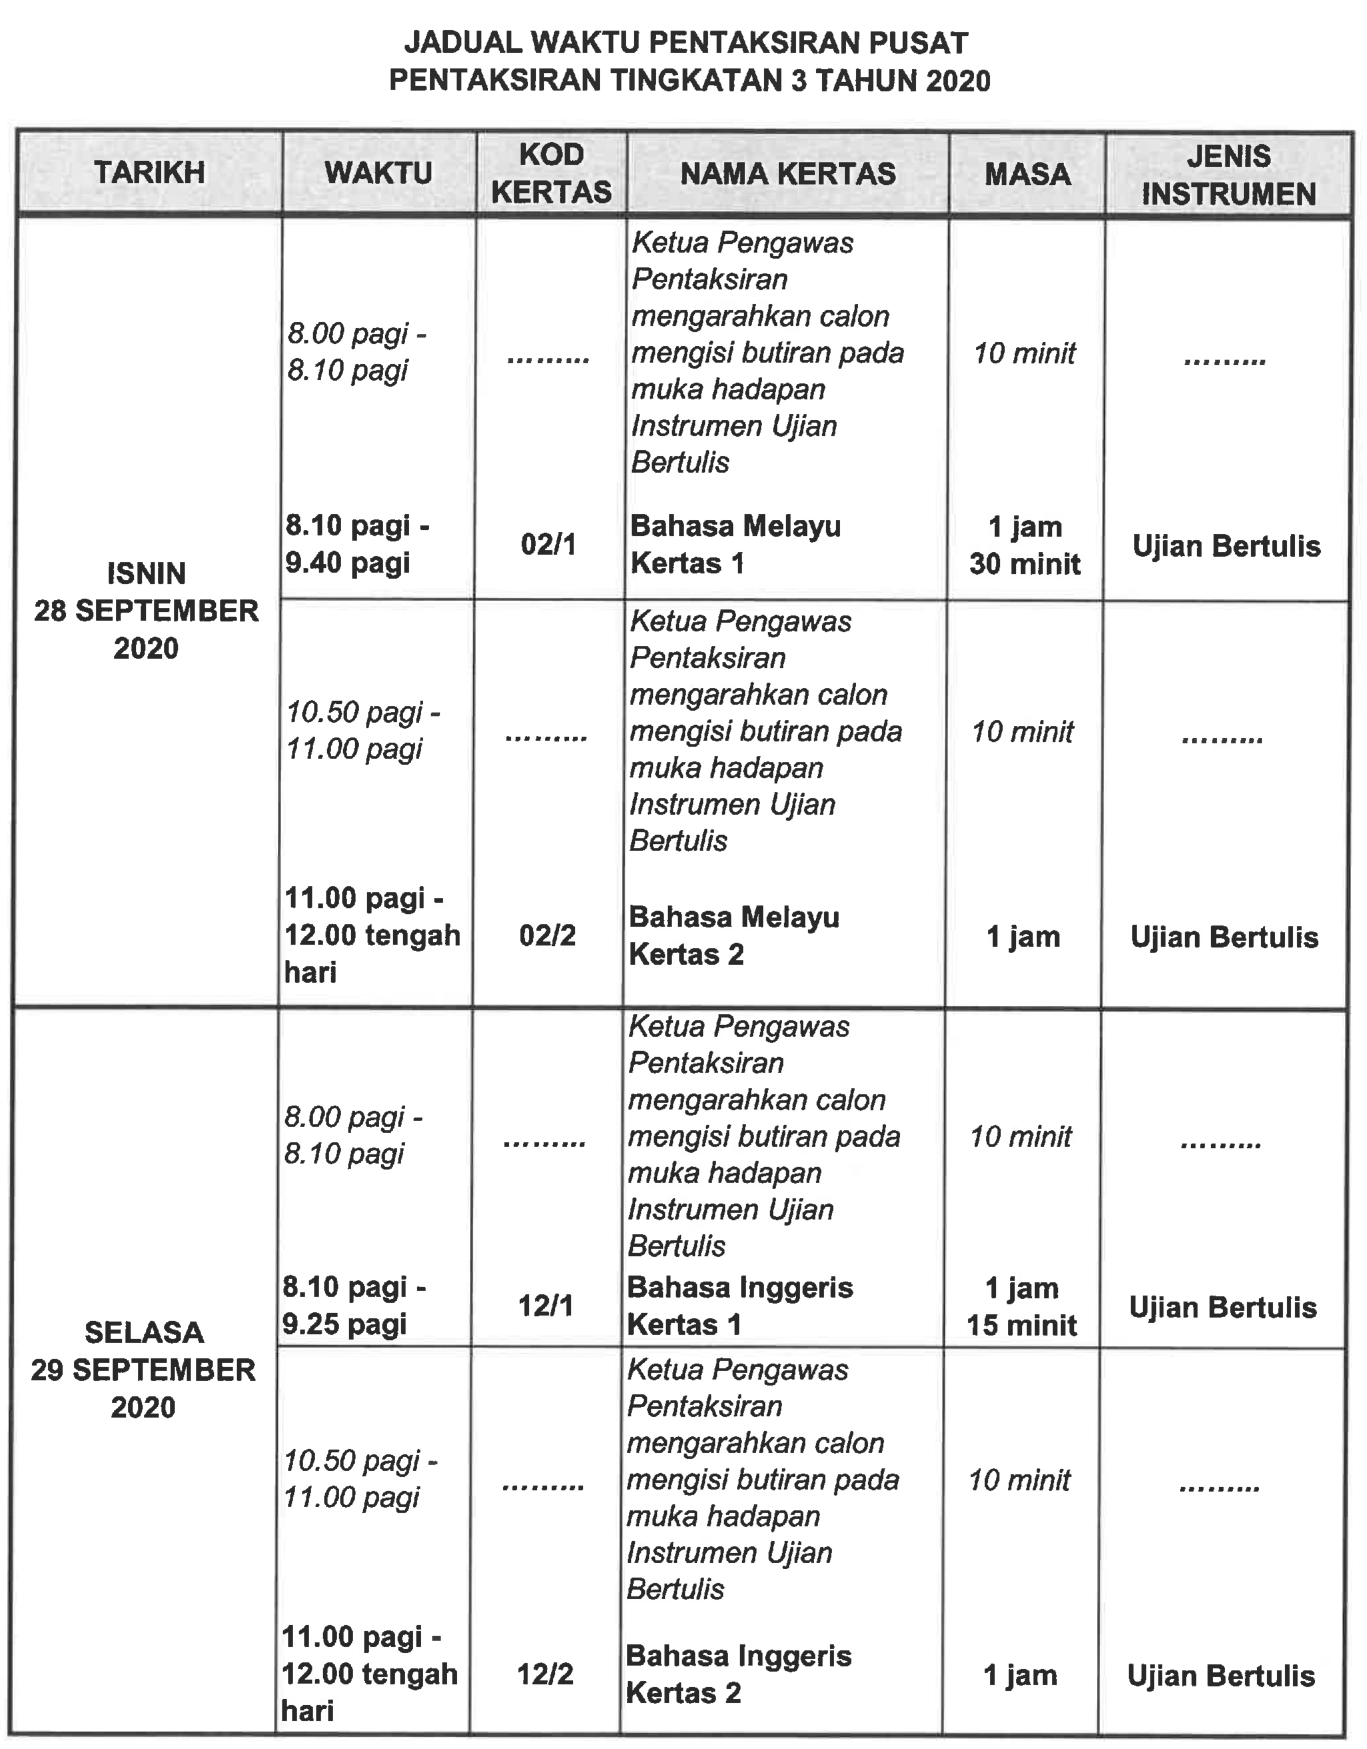 Pt3 jadual 3 2020